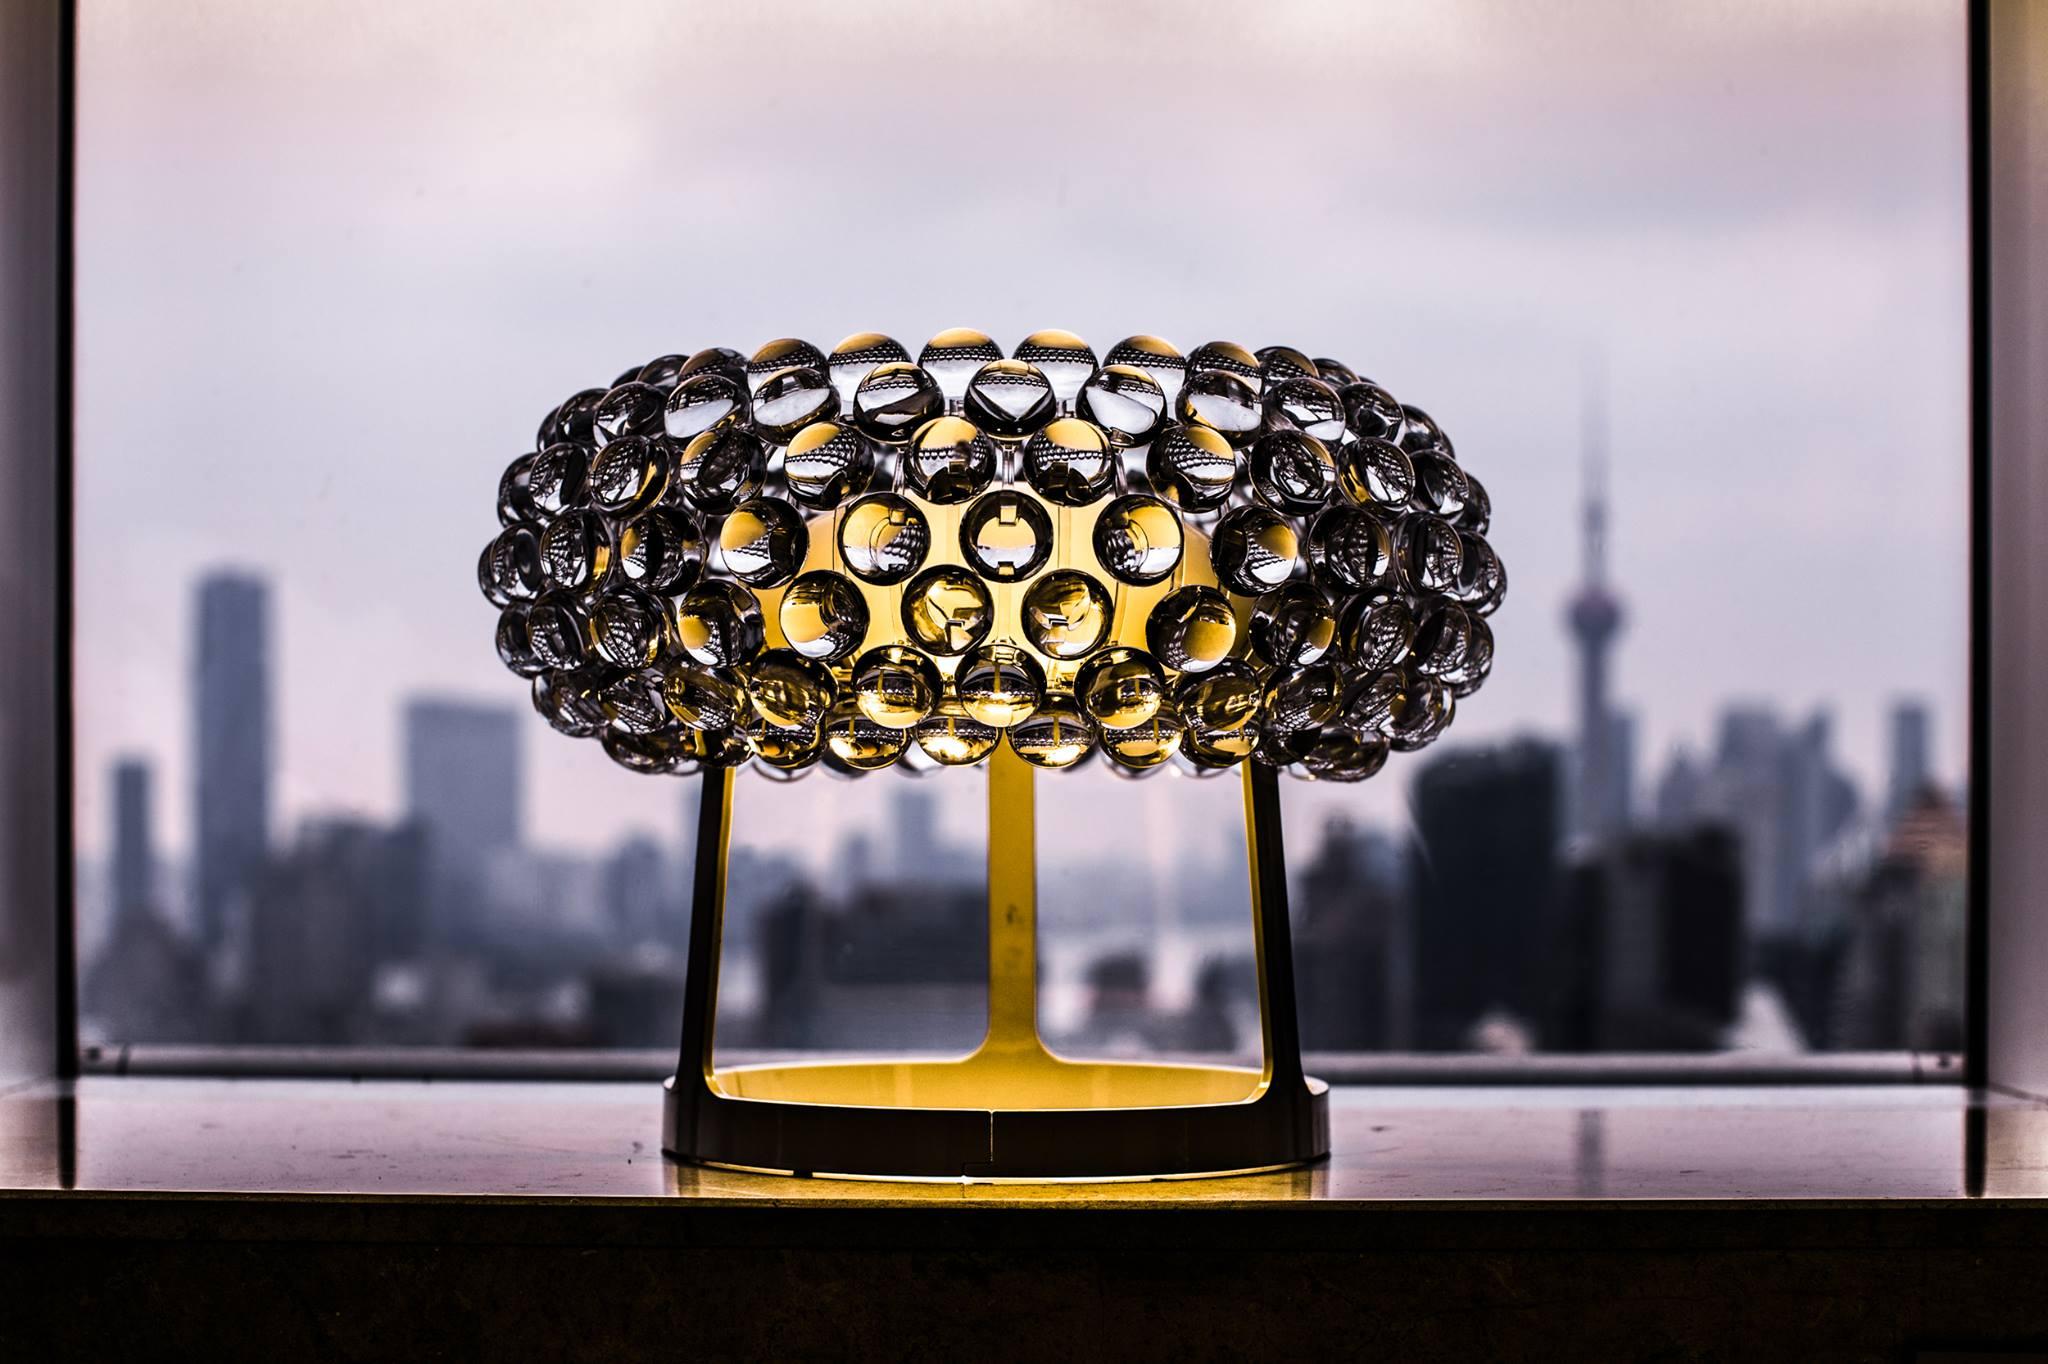 Marche lampade di design led net circolare soffitto artemide